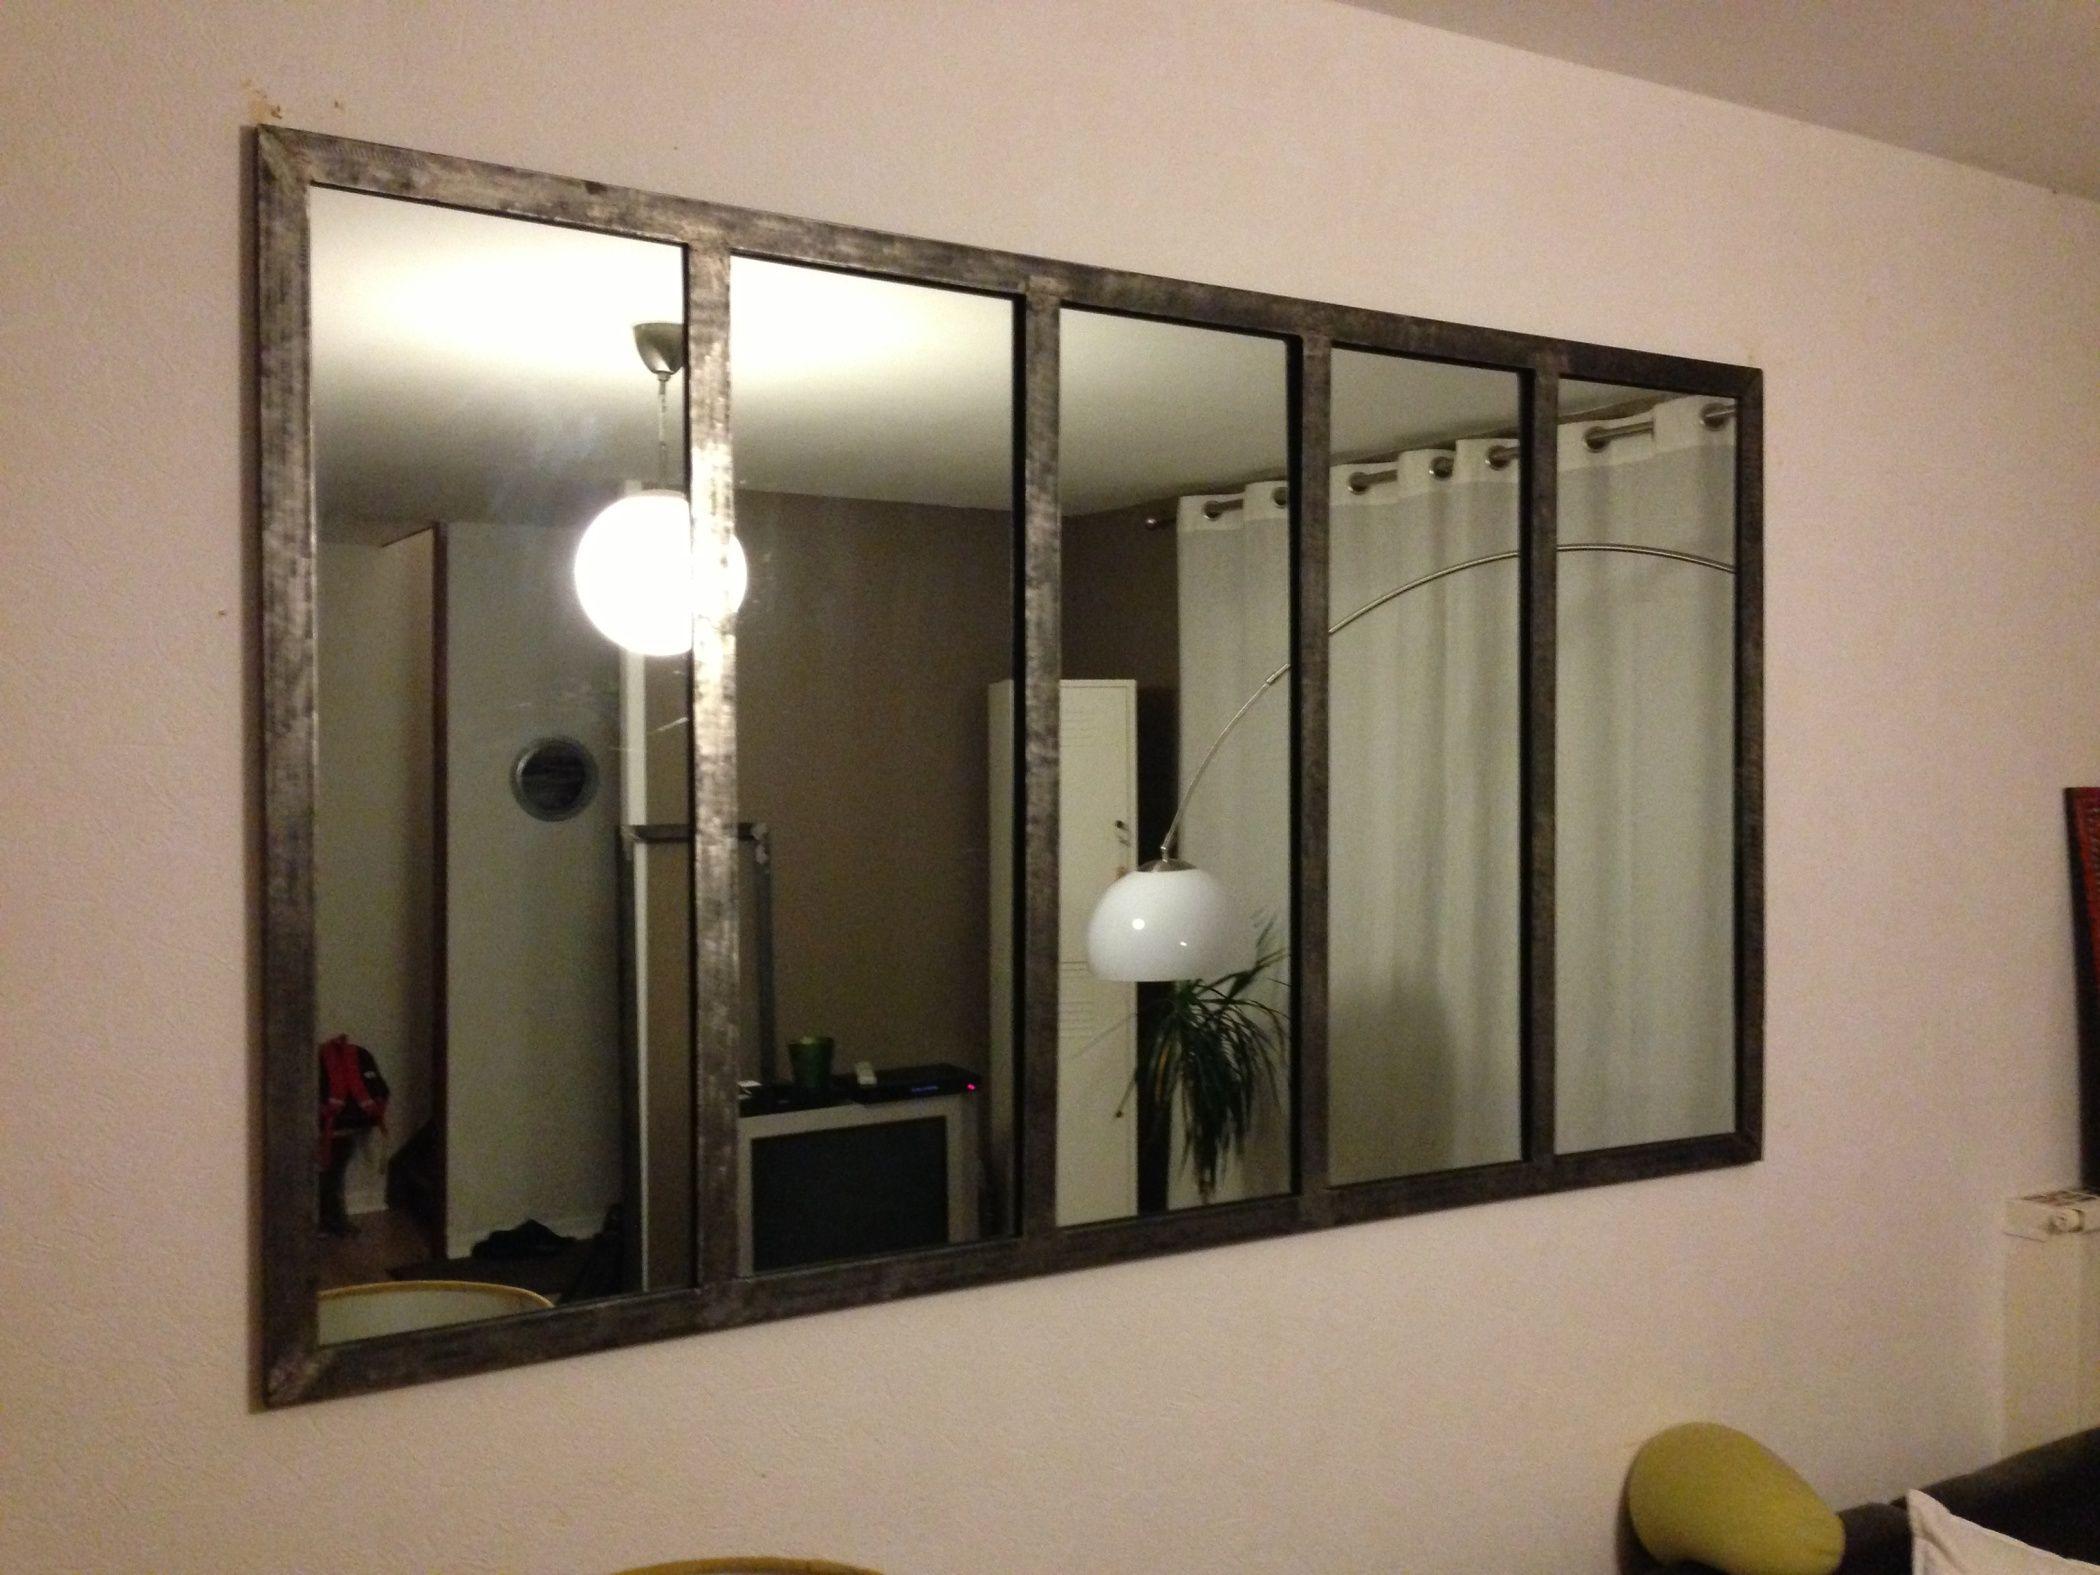 miroir style fen tre d 39 atelier d co pinterest style industriel miroirs et industriel. Black Bedroom Furniture Sets. Home Design Ideas